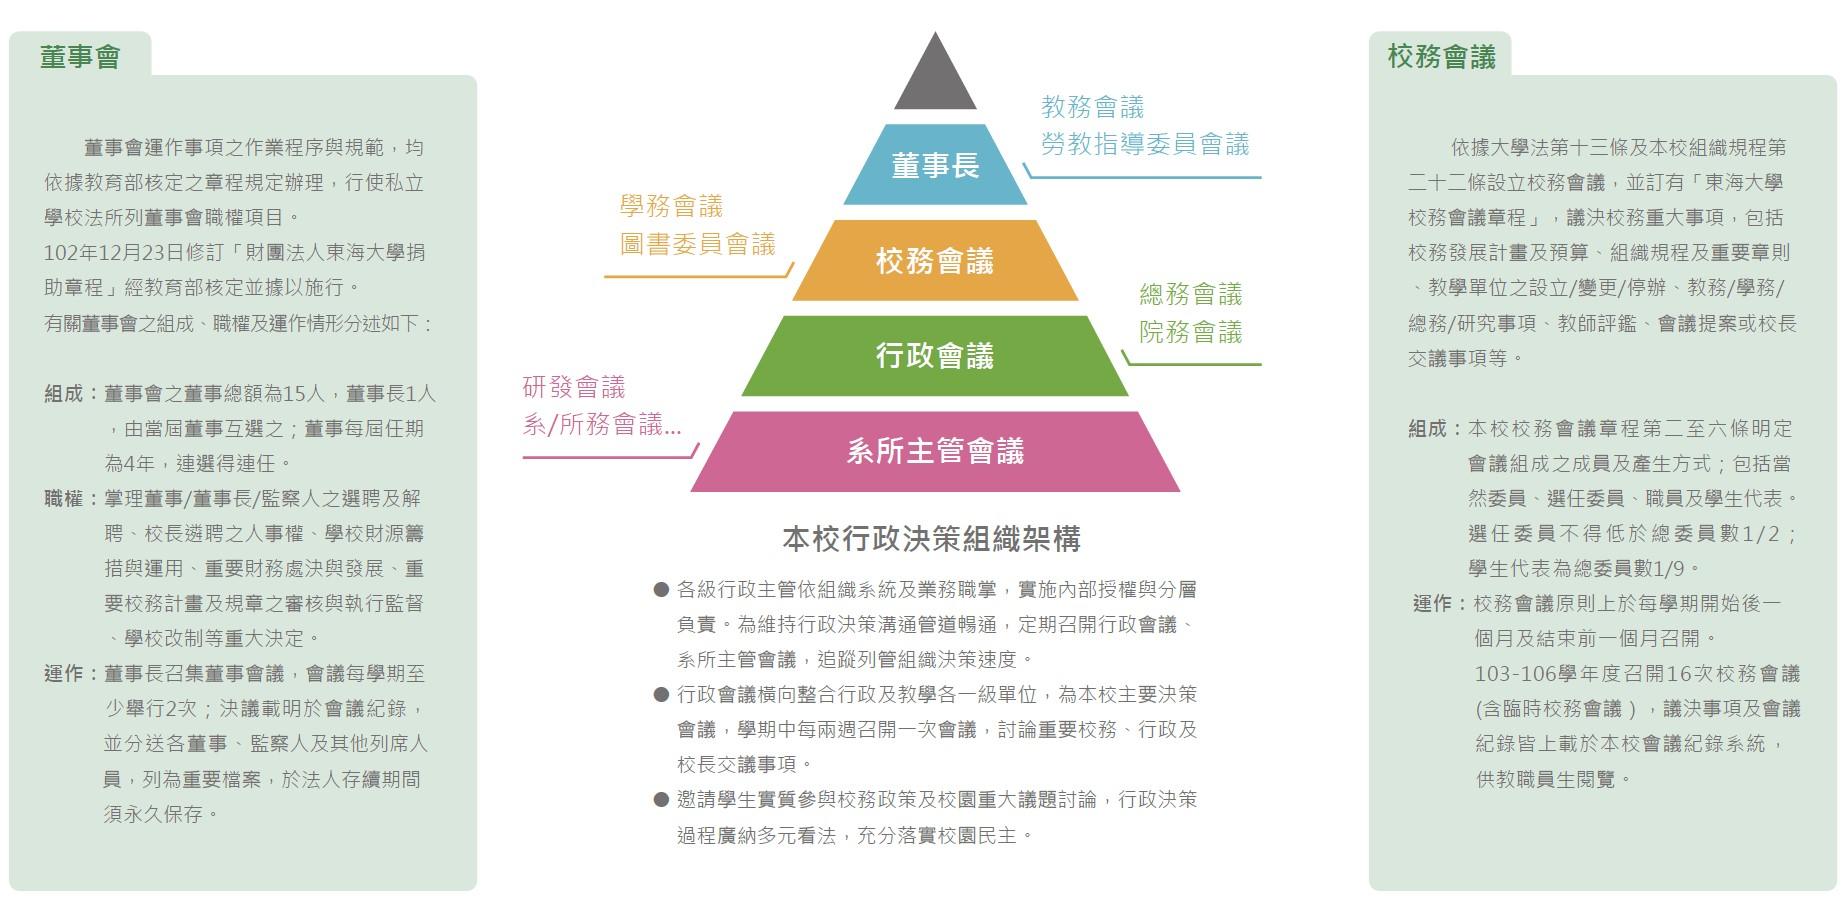 校務治理決策組織與架構